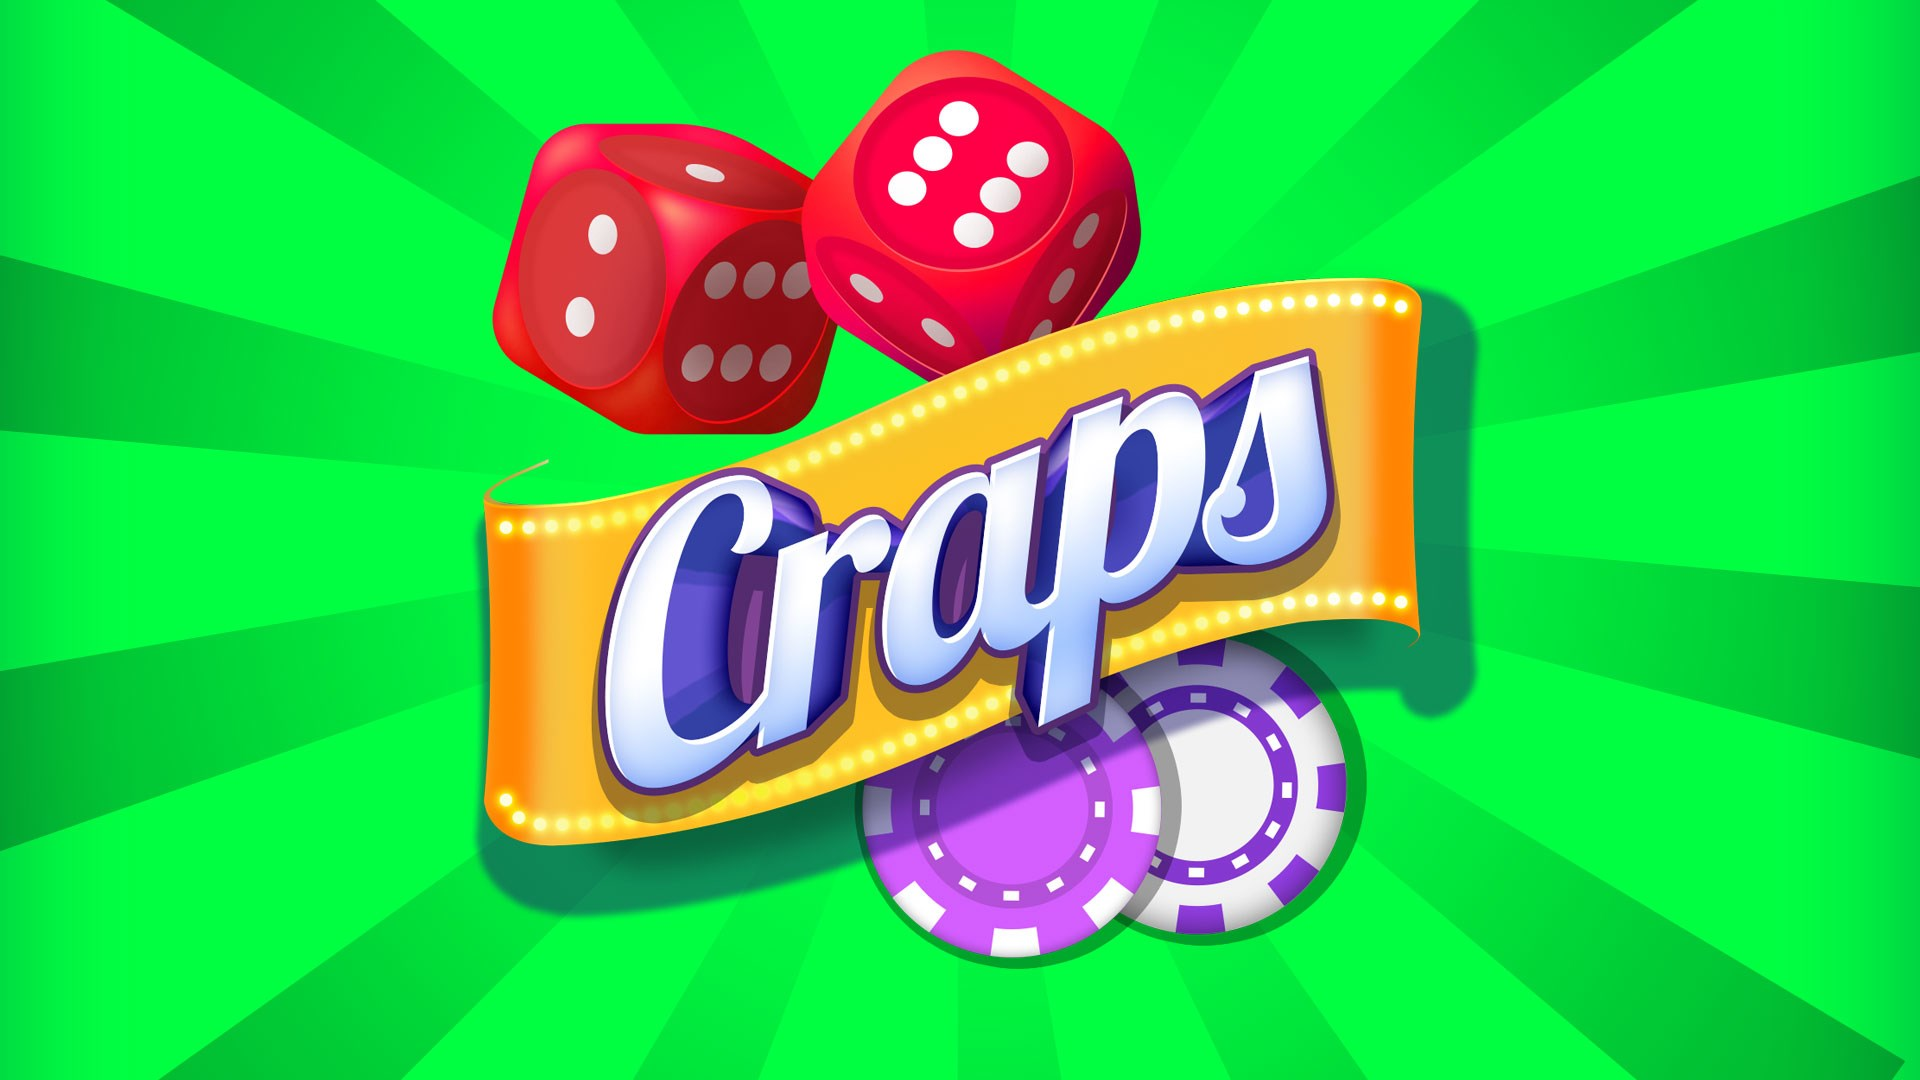 Cách chơi Craps là gì? Hướng dẫn cách chơi Craps chi tiết nhất